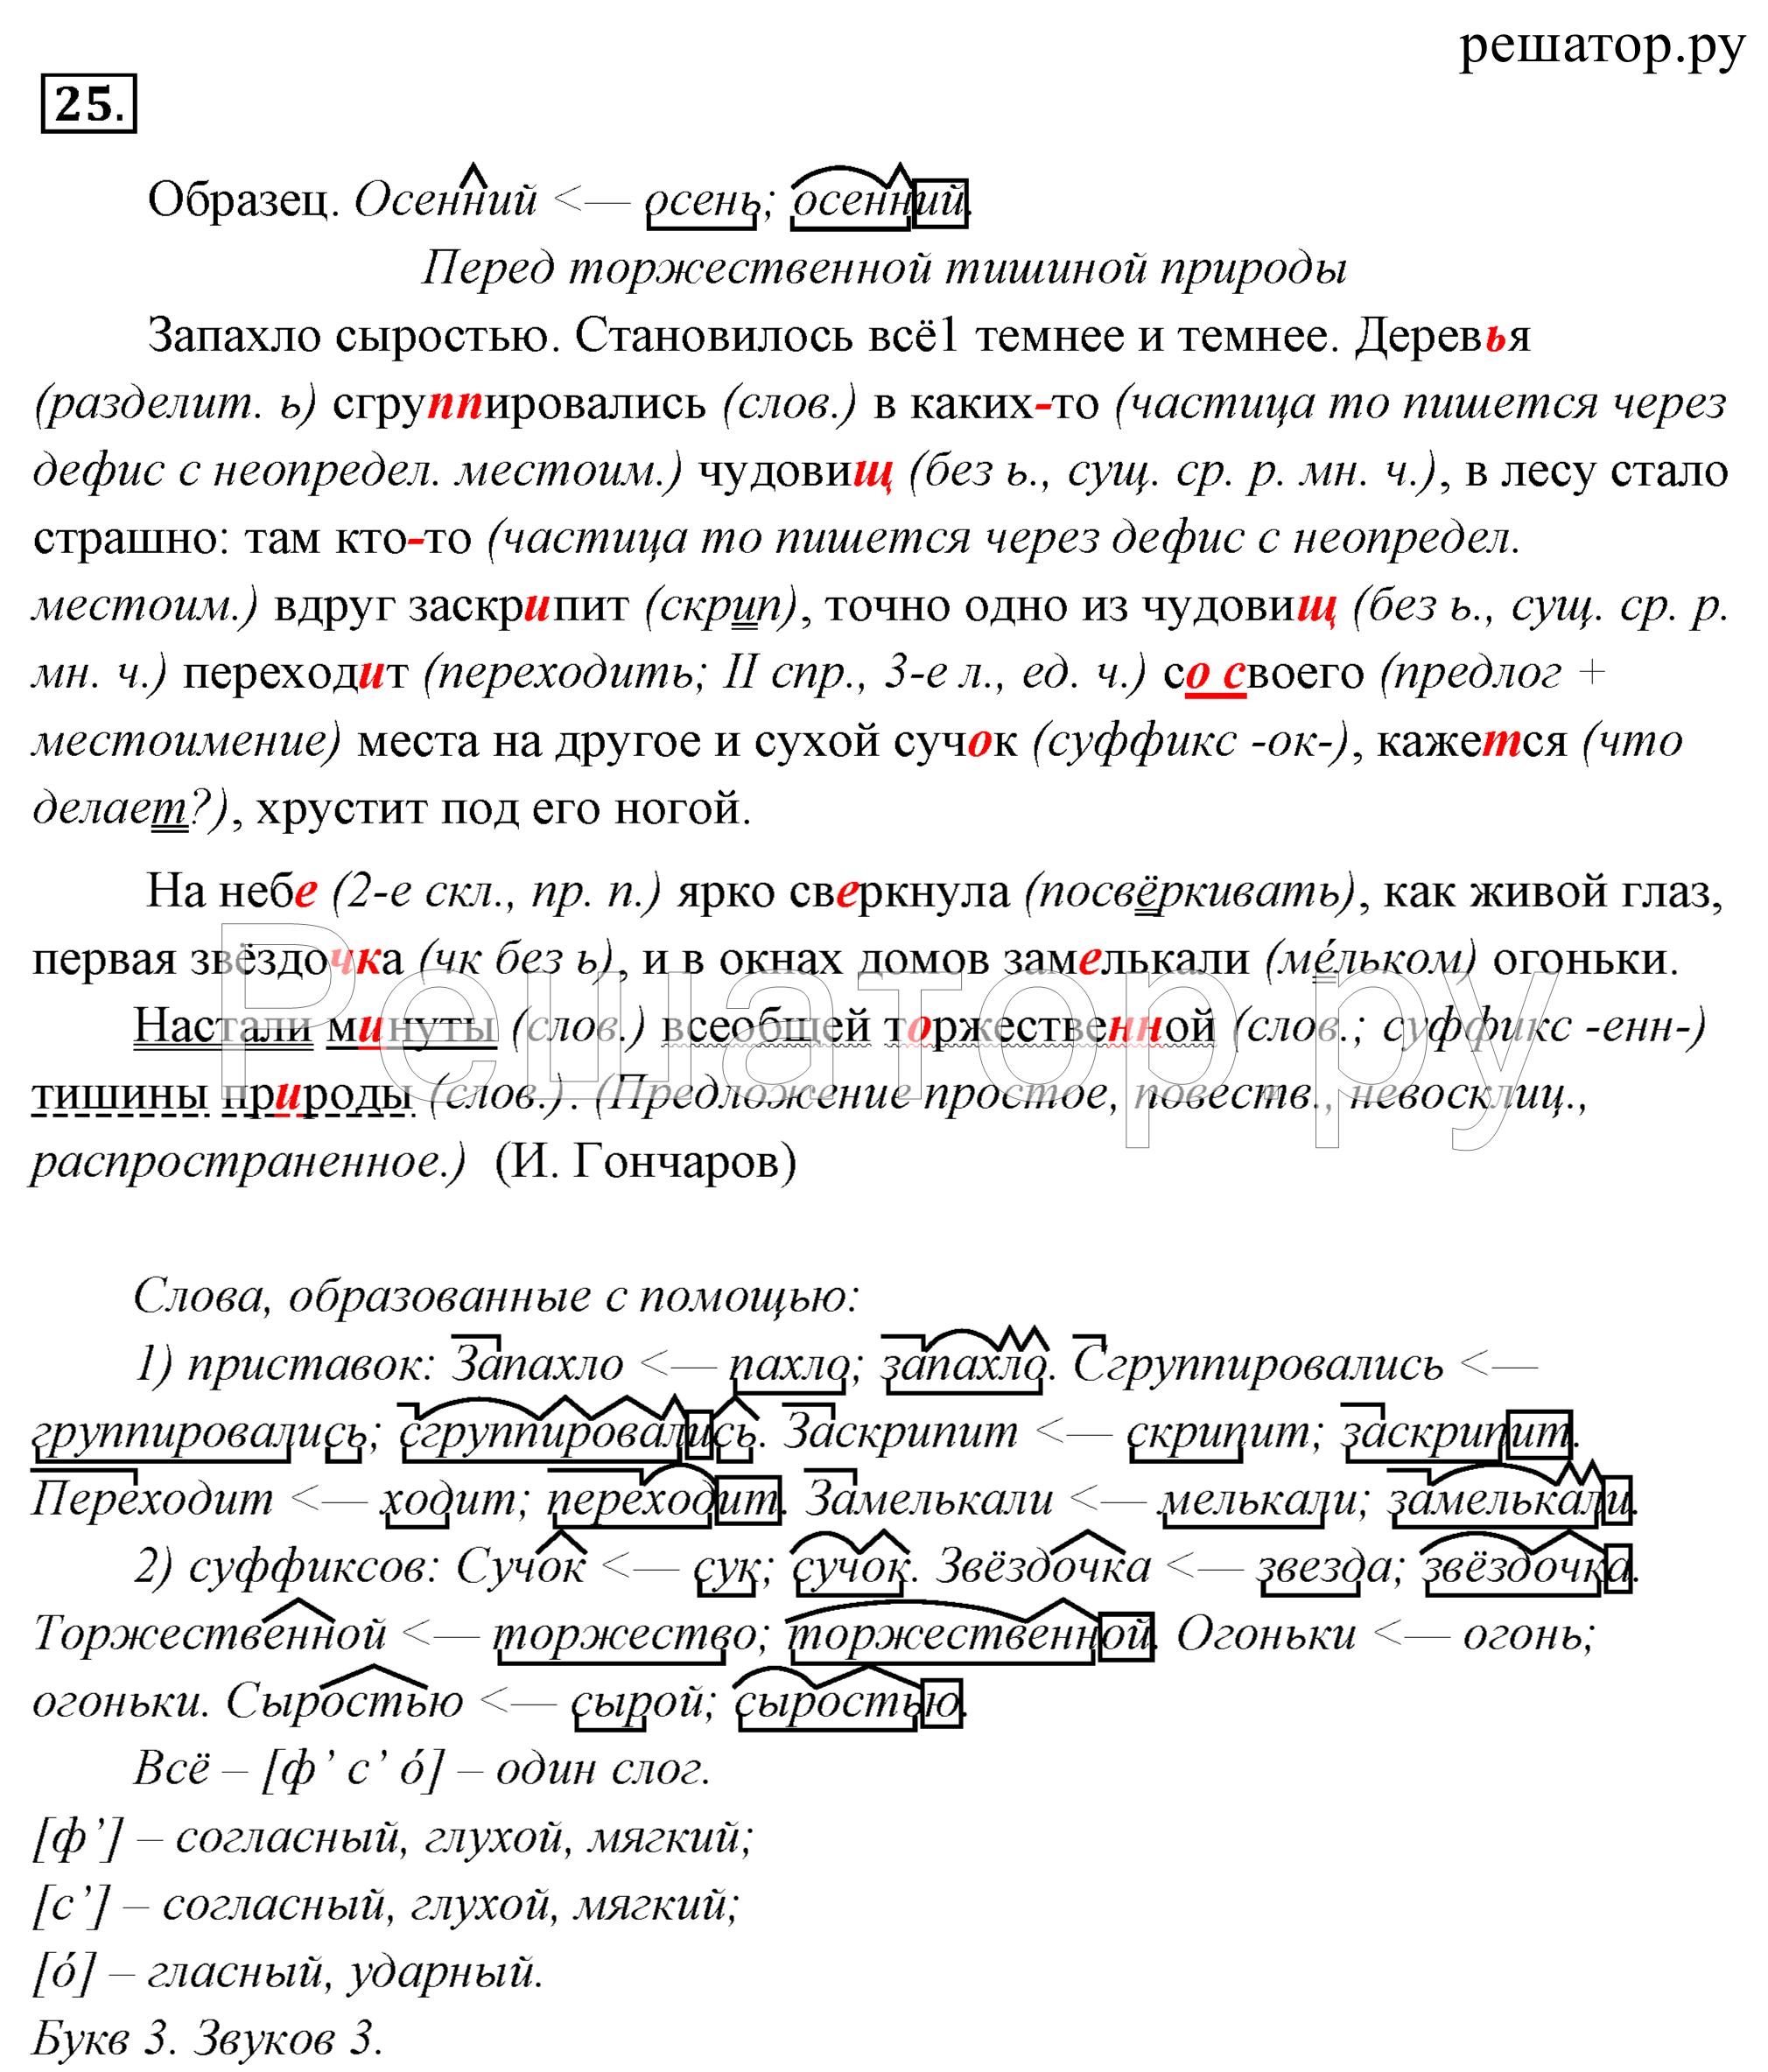 гдз по русскому учебник ладыженская баранов